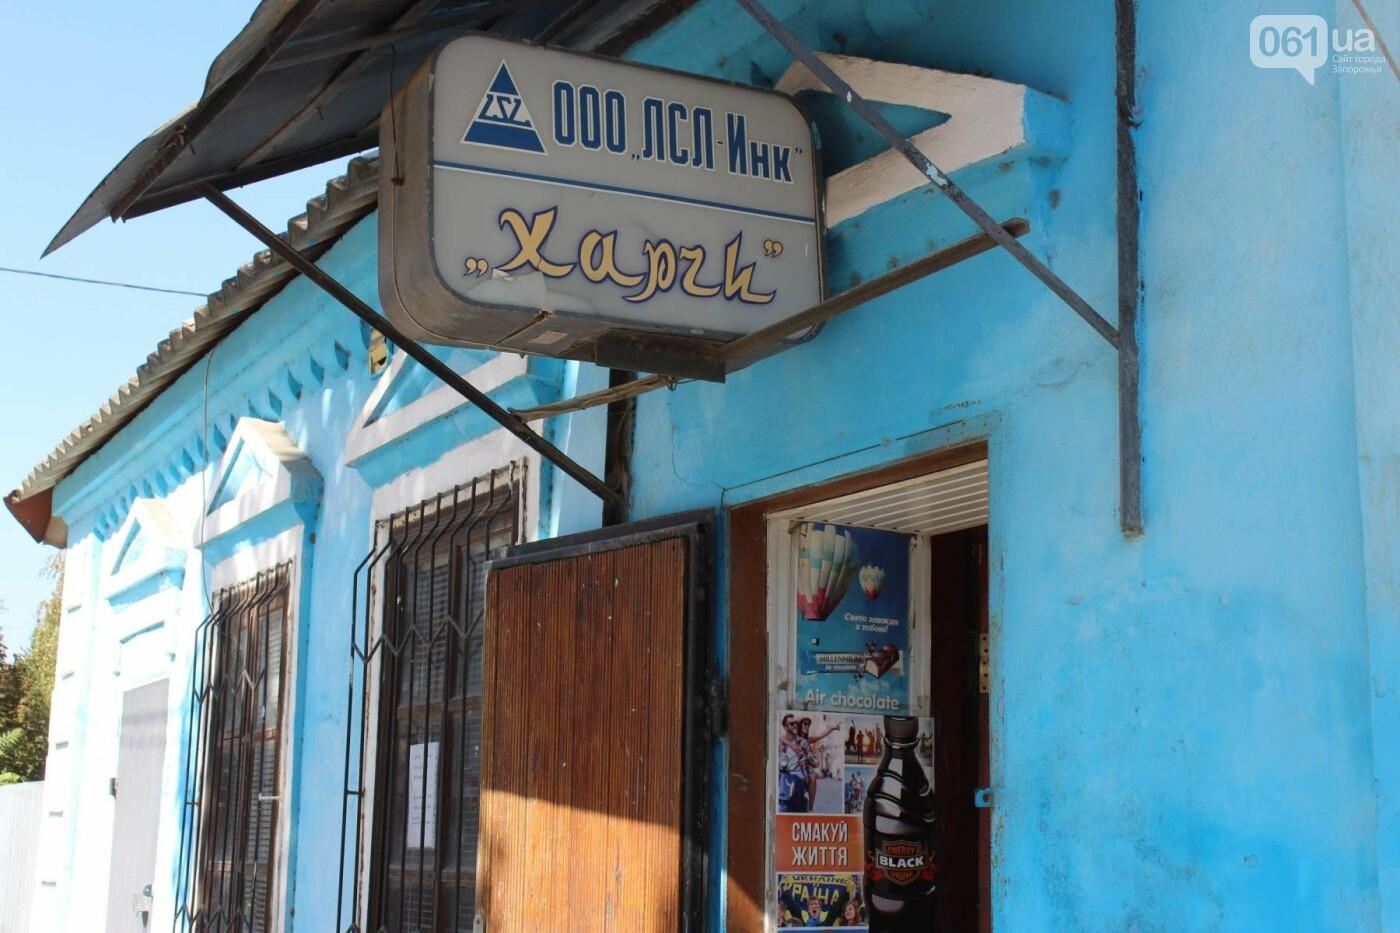 Как там в Токмаке: репортаж из официально депрессивного города, фото-41